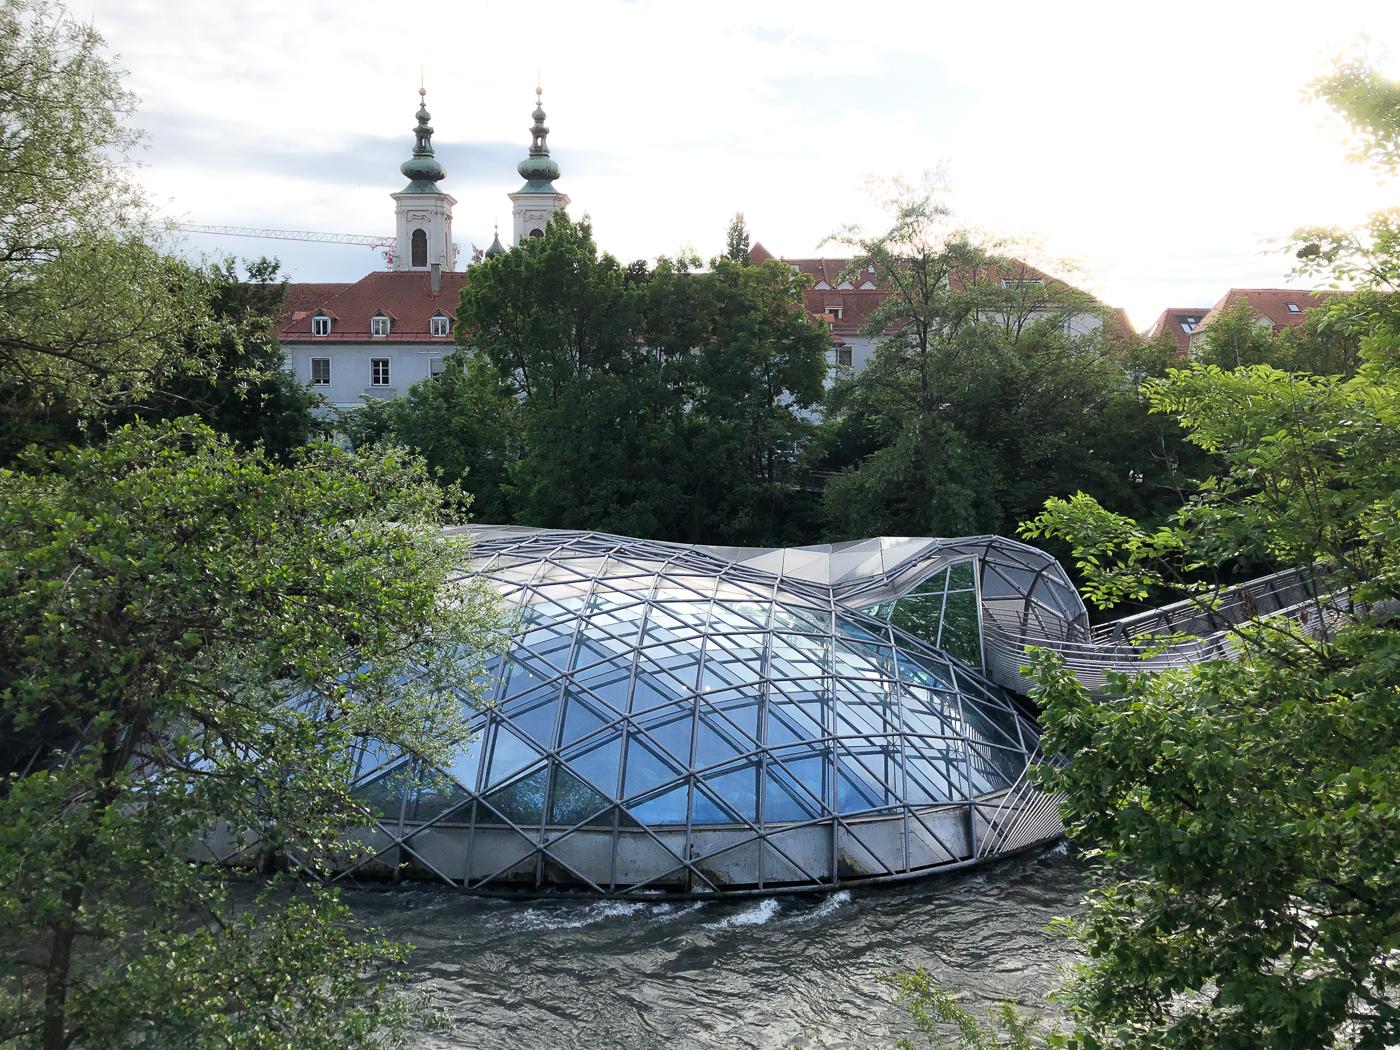 La fausse île Murinsel vue du bord de la rivière Mur à Graz